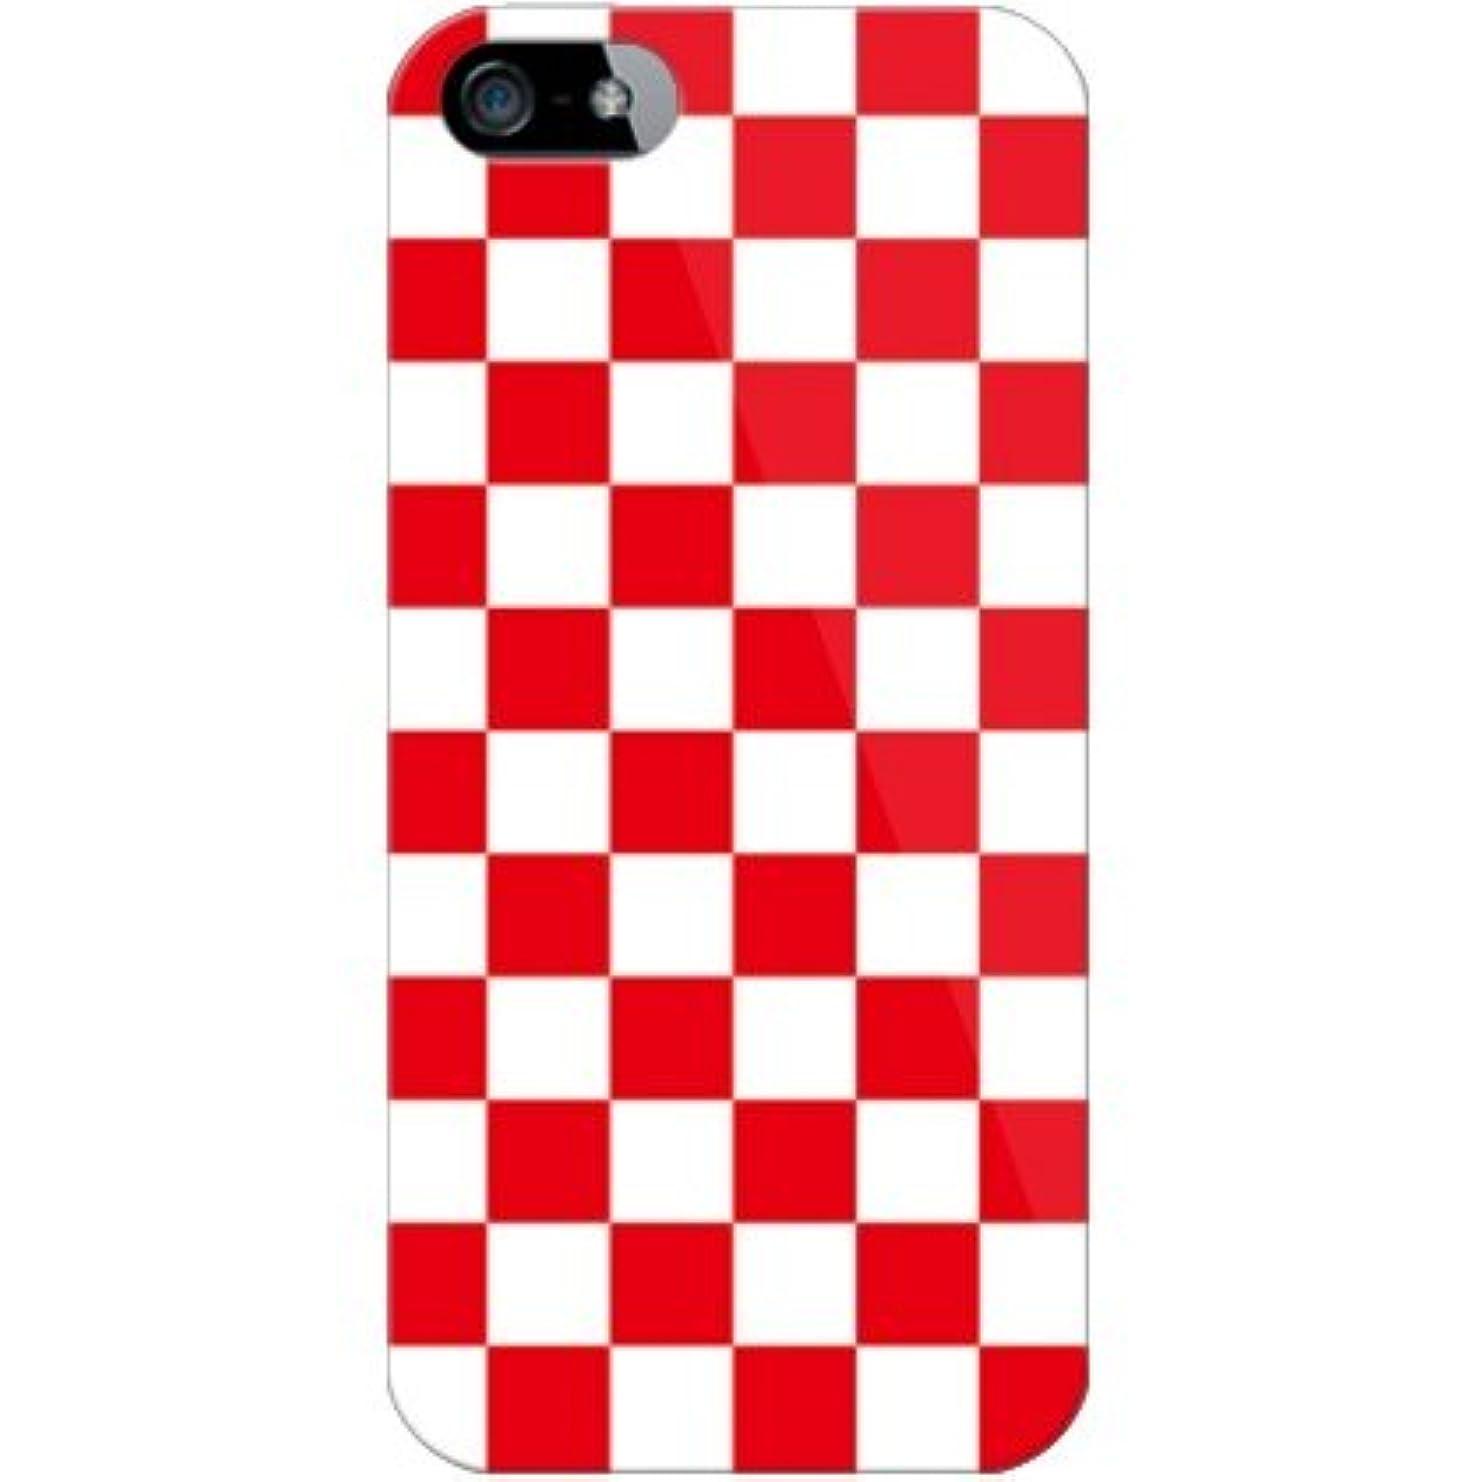 塩カヌー成人期SECOND SKIN チェッカーフラッグ レッド×ホワイト(クリア) / for iPhone 5/SoftBank SAPIP5-PCCL-299-Y079